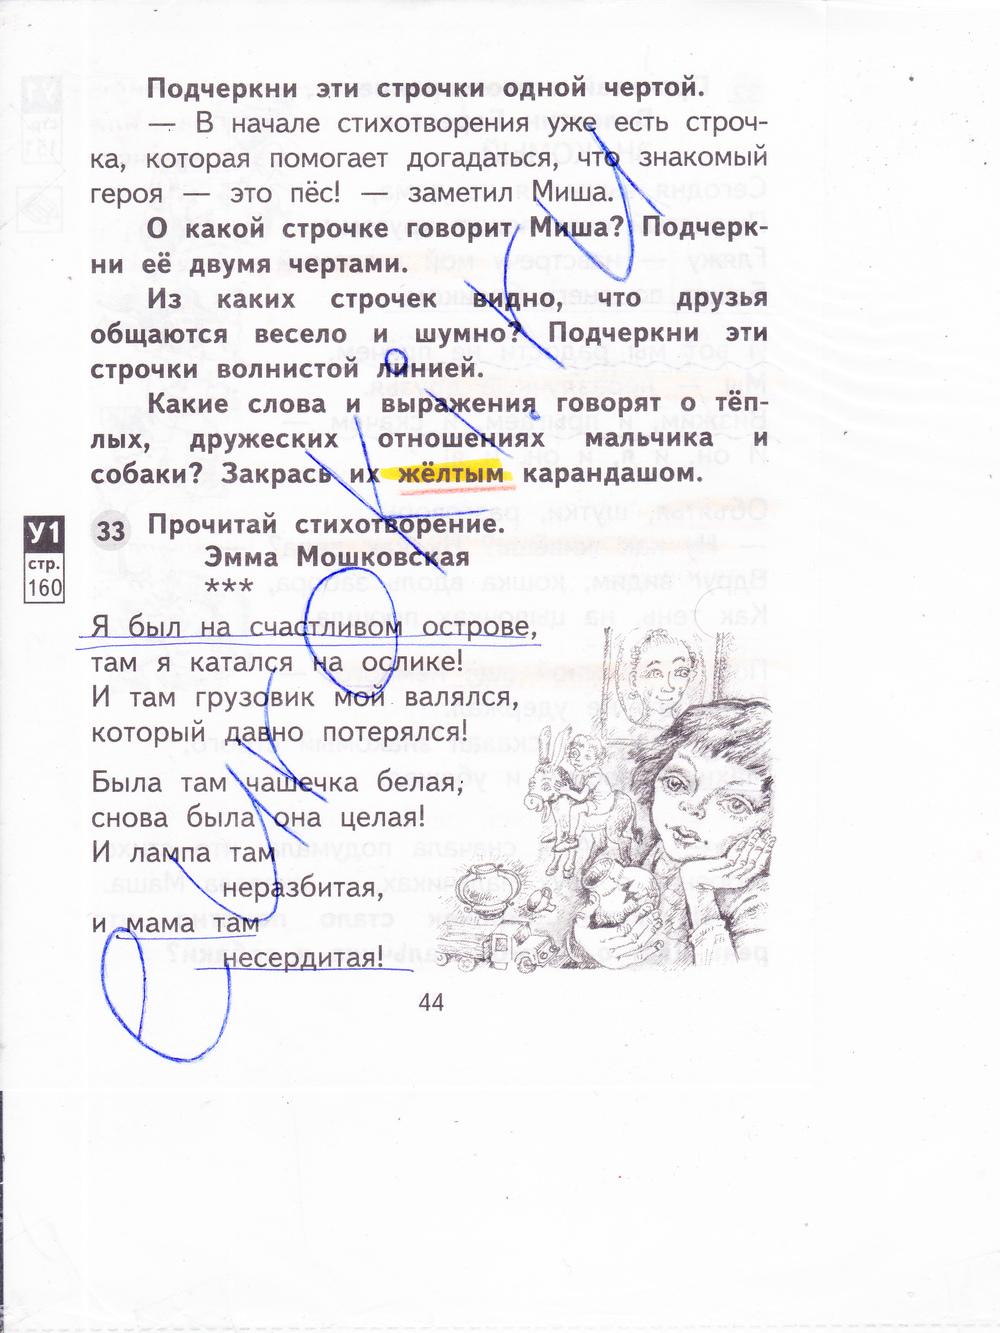 ГДЗ по литературному чтению 2 класс рабочая тетрадь Малаховская Часть 1, 2. Задание: стр. 44